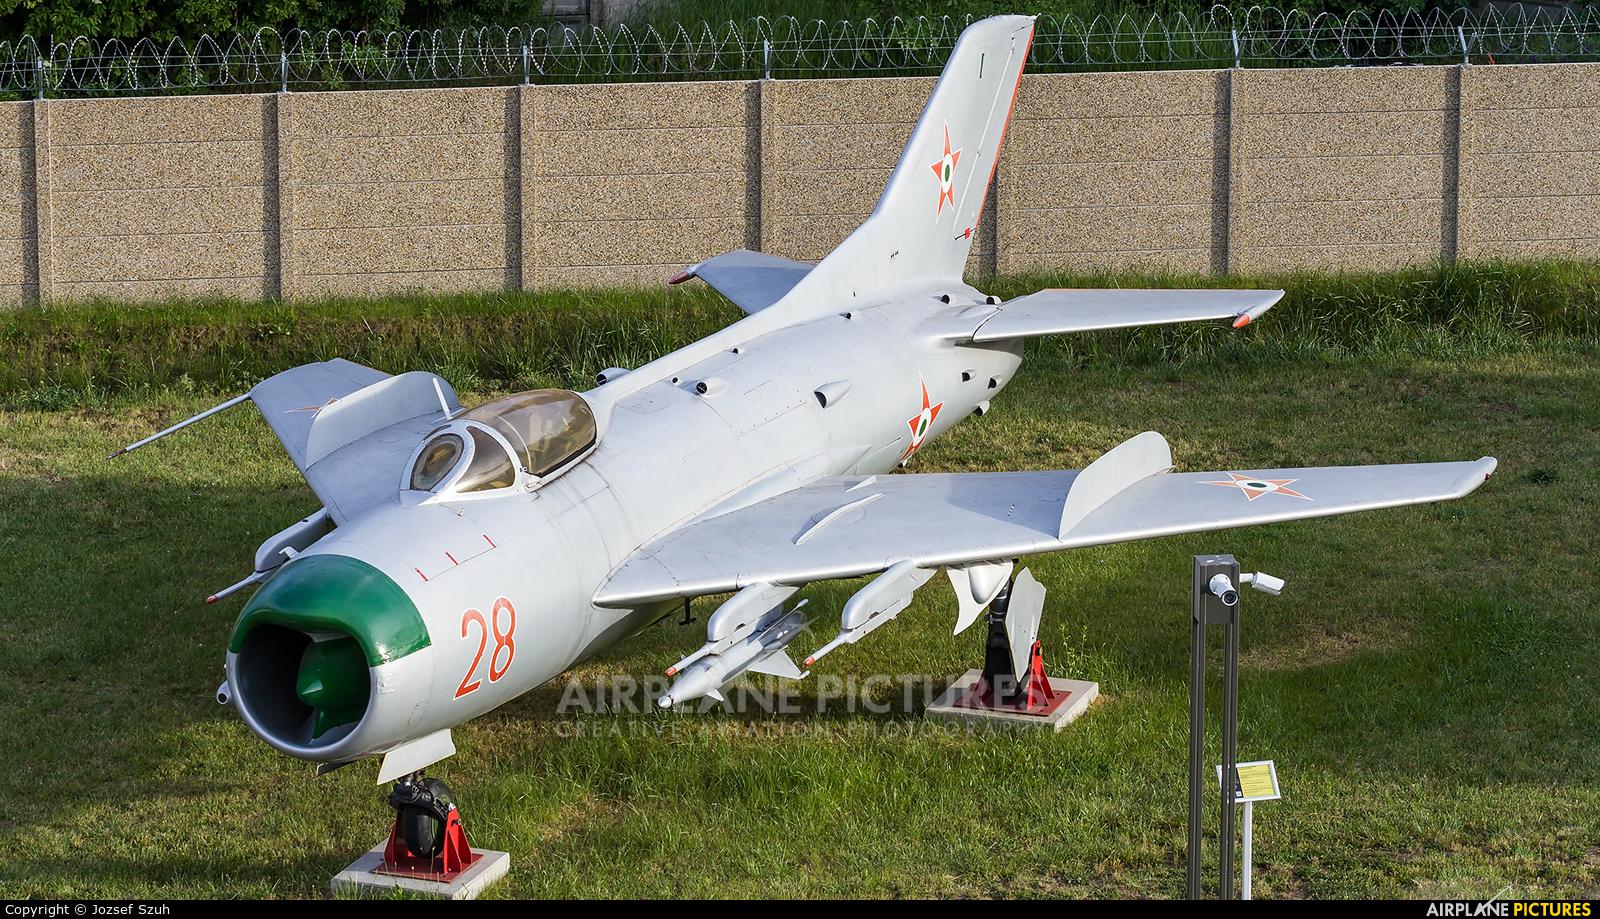 Hungary - Air Force 28 aircraft at Off Airport - Hungary